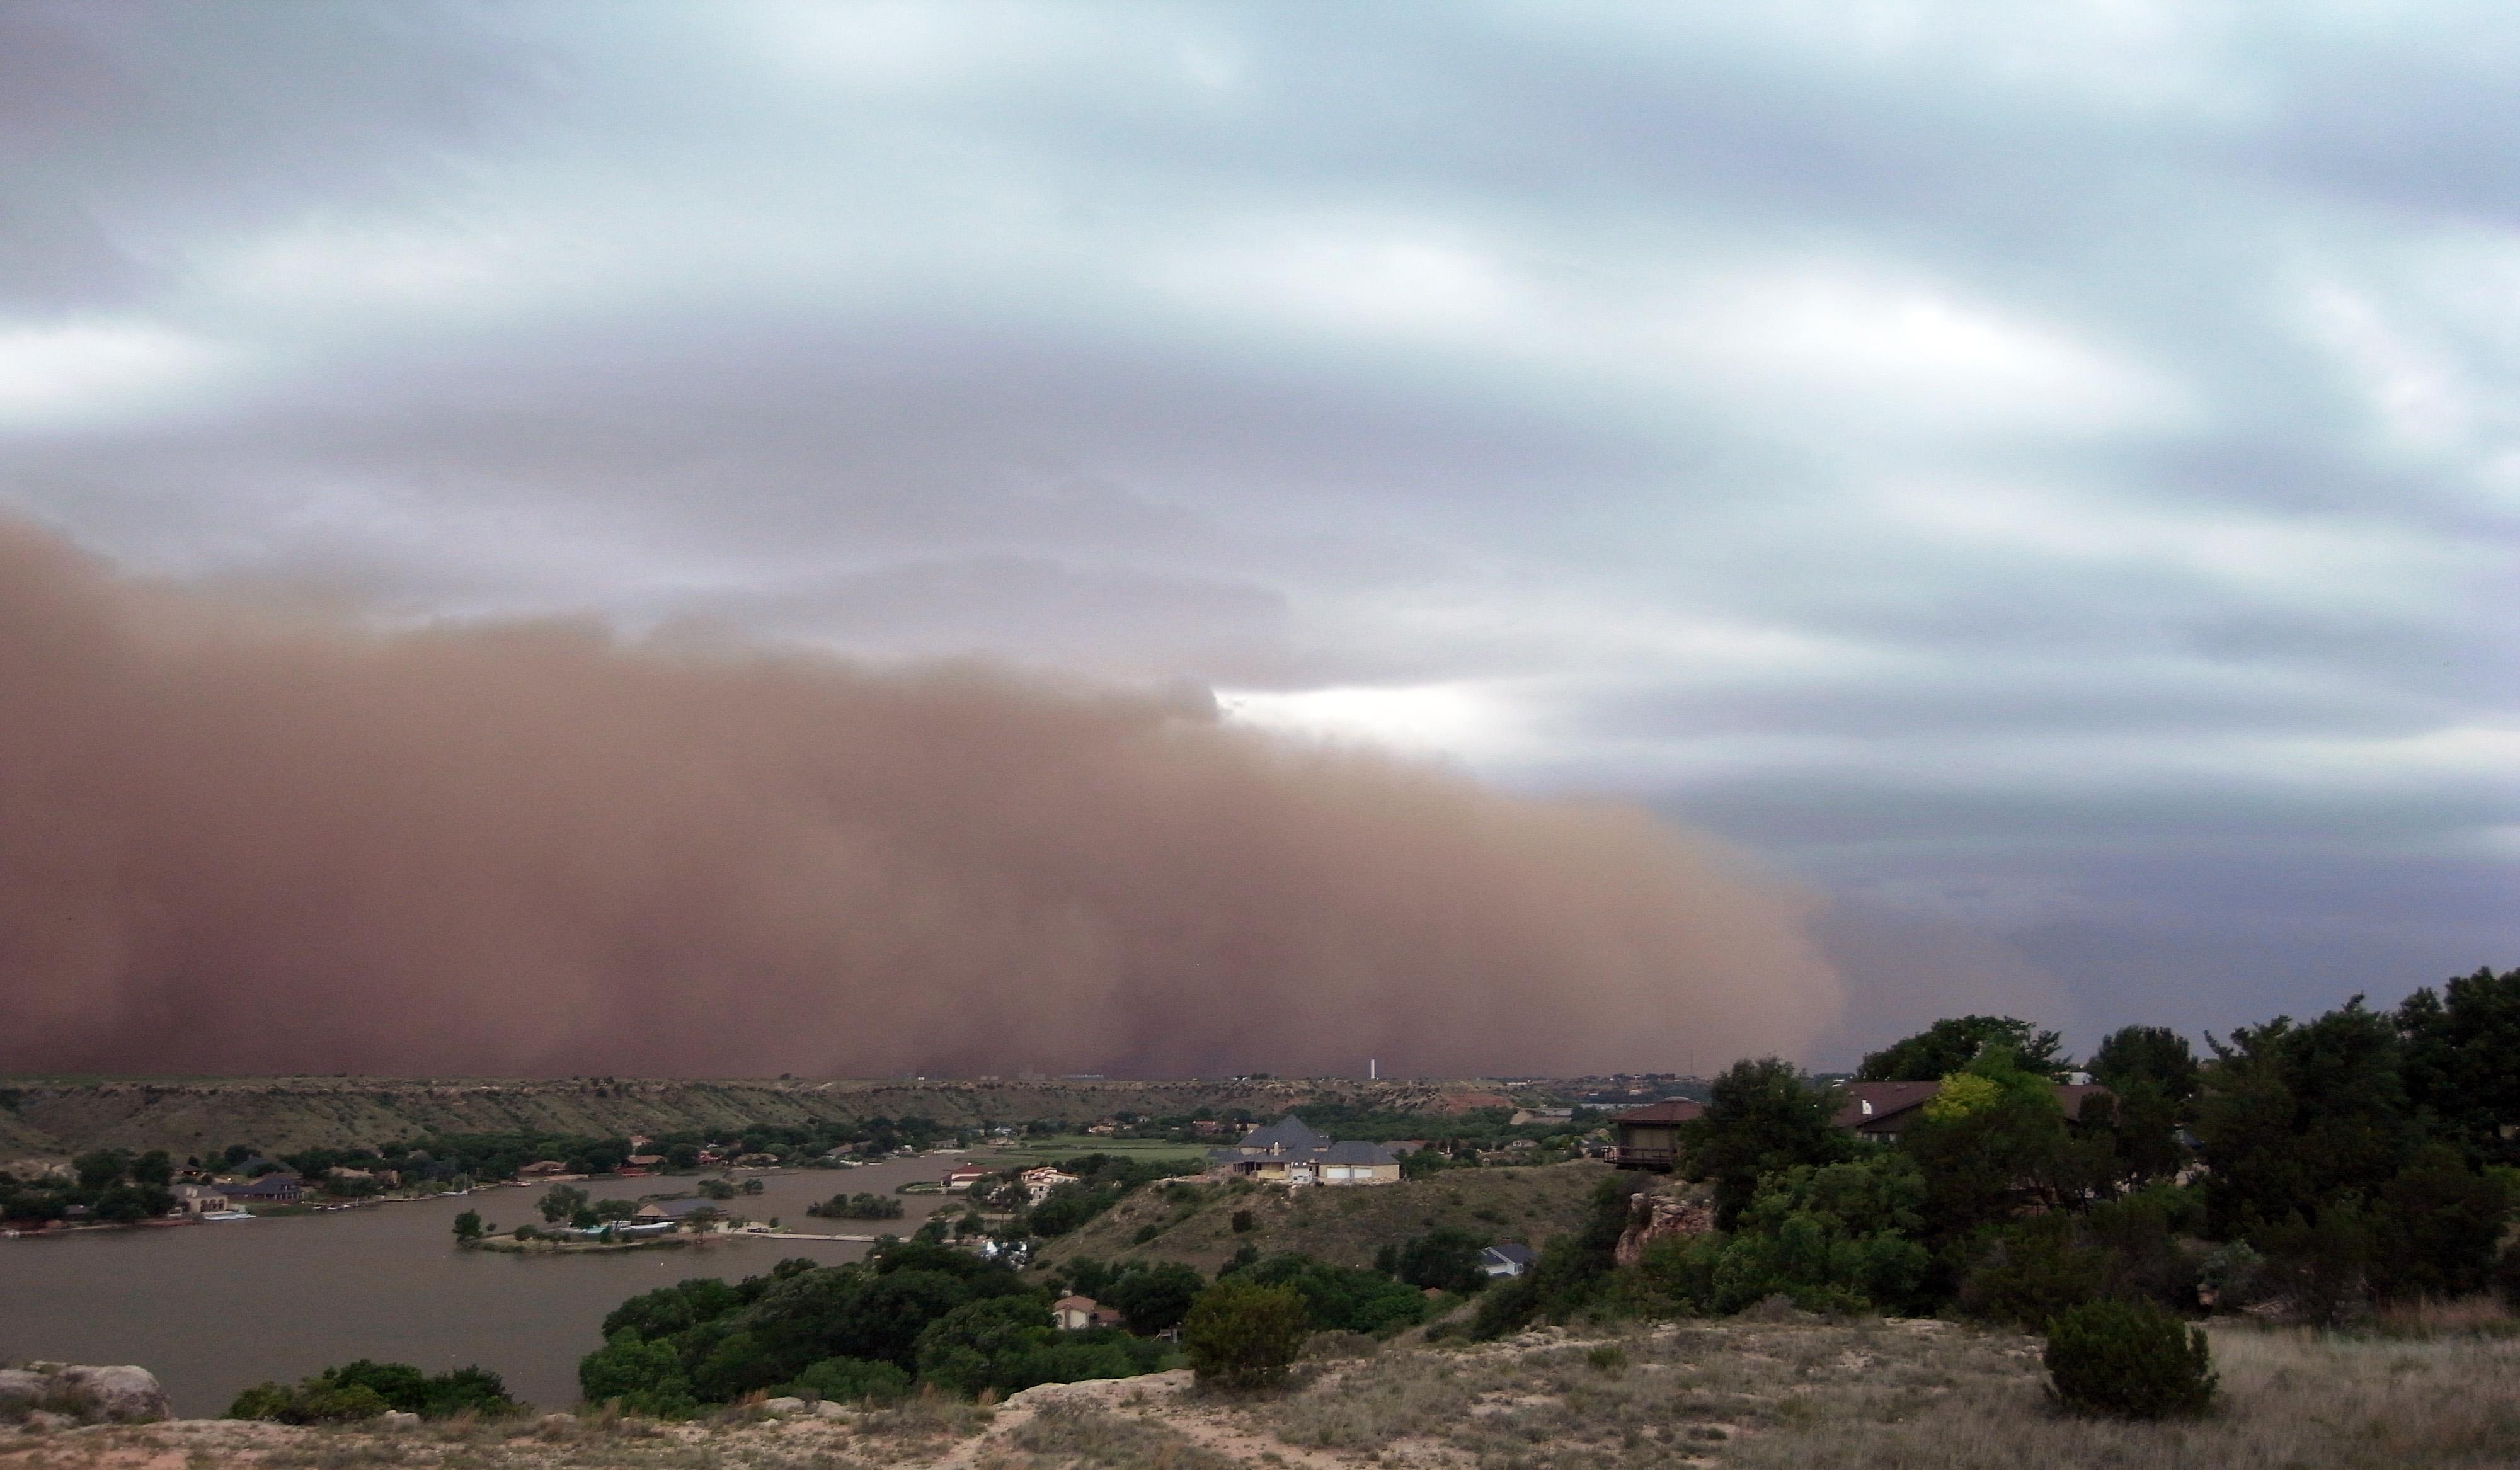 Haboob en Texas, en 2009. Foto: LeafLet, Wikipedia.